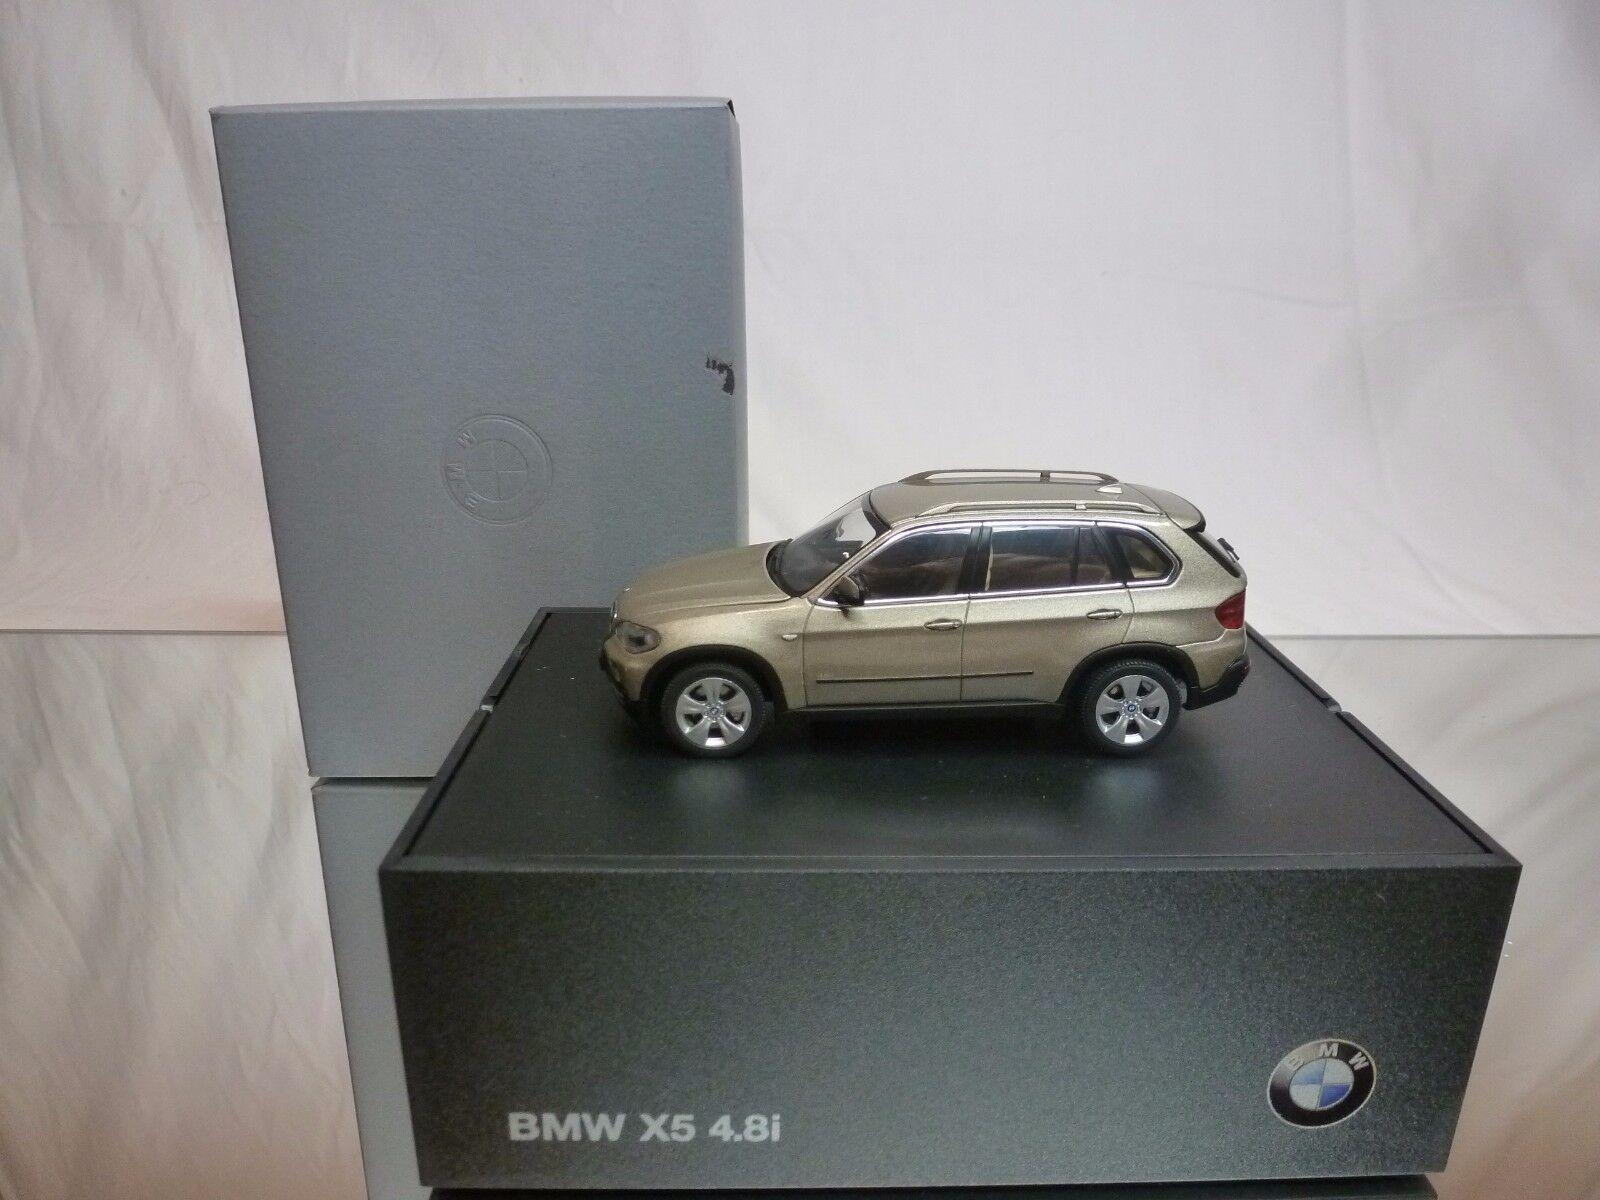 AUTOART BMW X5 4.8i - BEIGE METALLIC 1 43 - EXCELLENT IN DEALER BOX